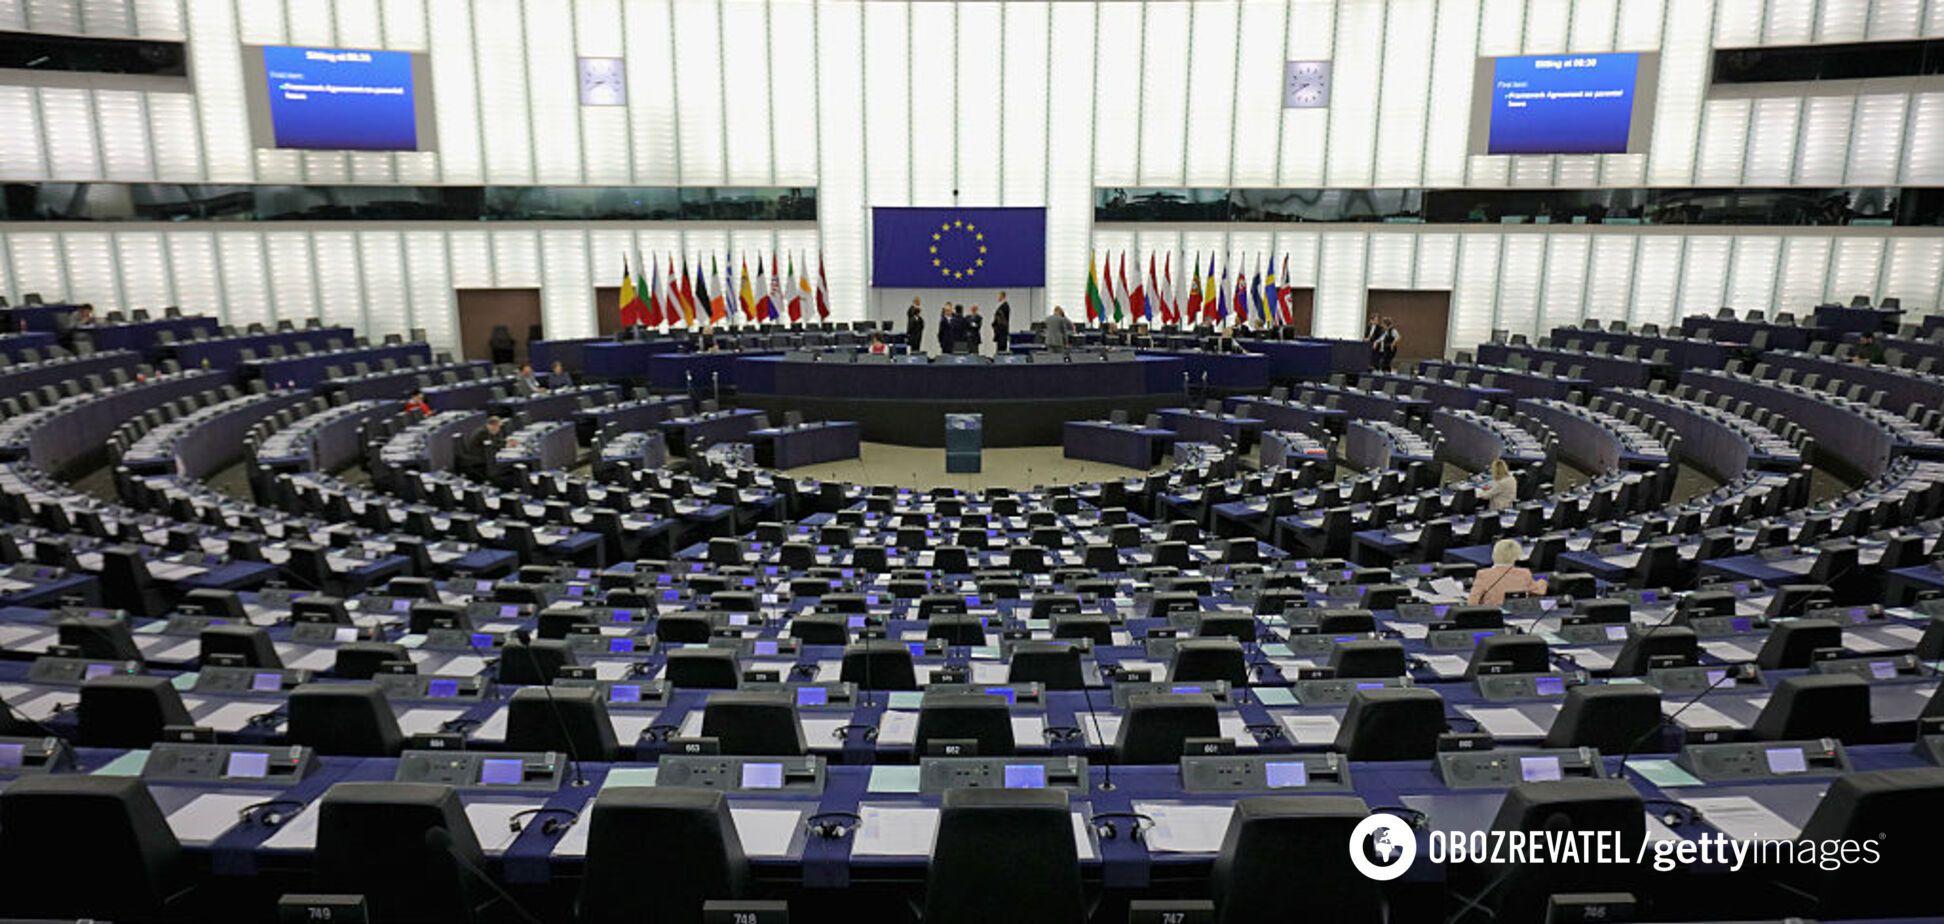 Депутат Європарламенту Адам Ярубас захворів на коронавірус